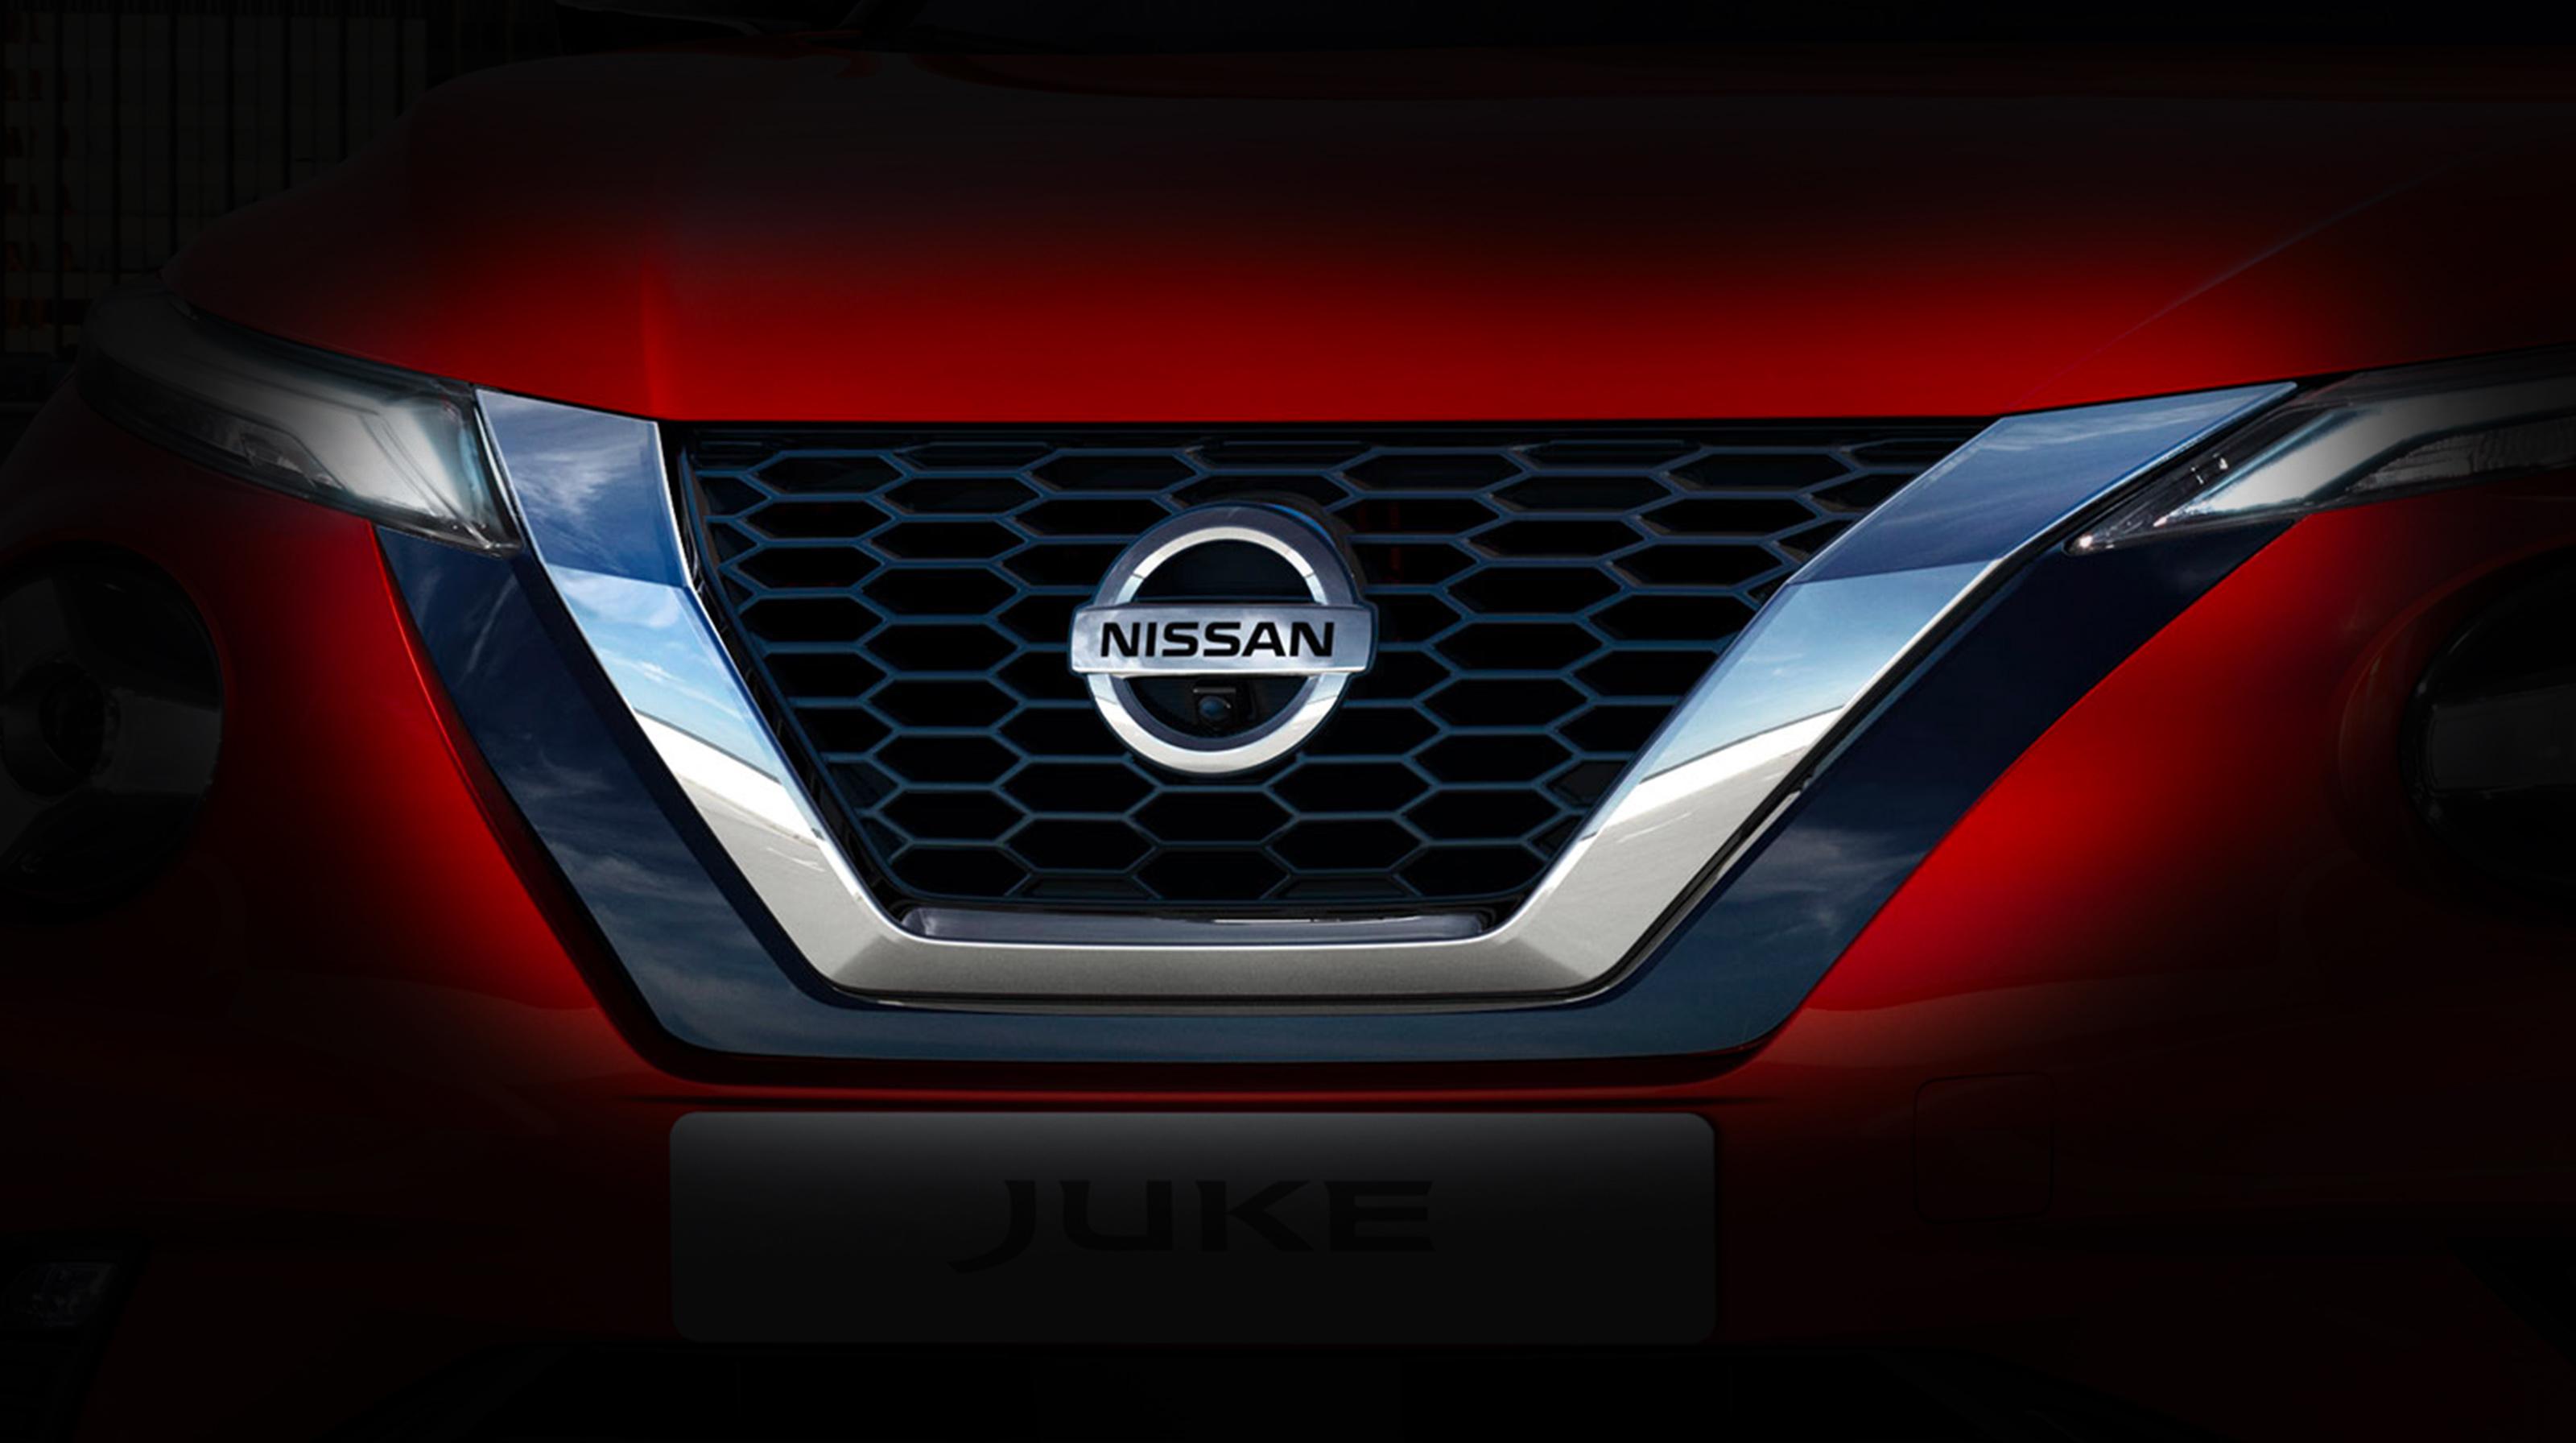 Nissan JUKE V-motion grille